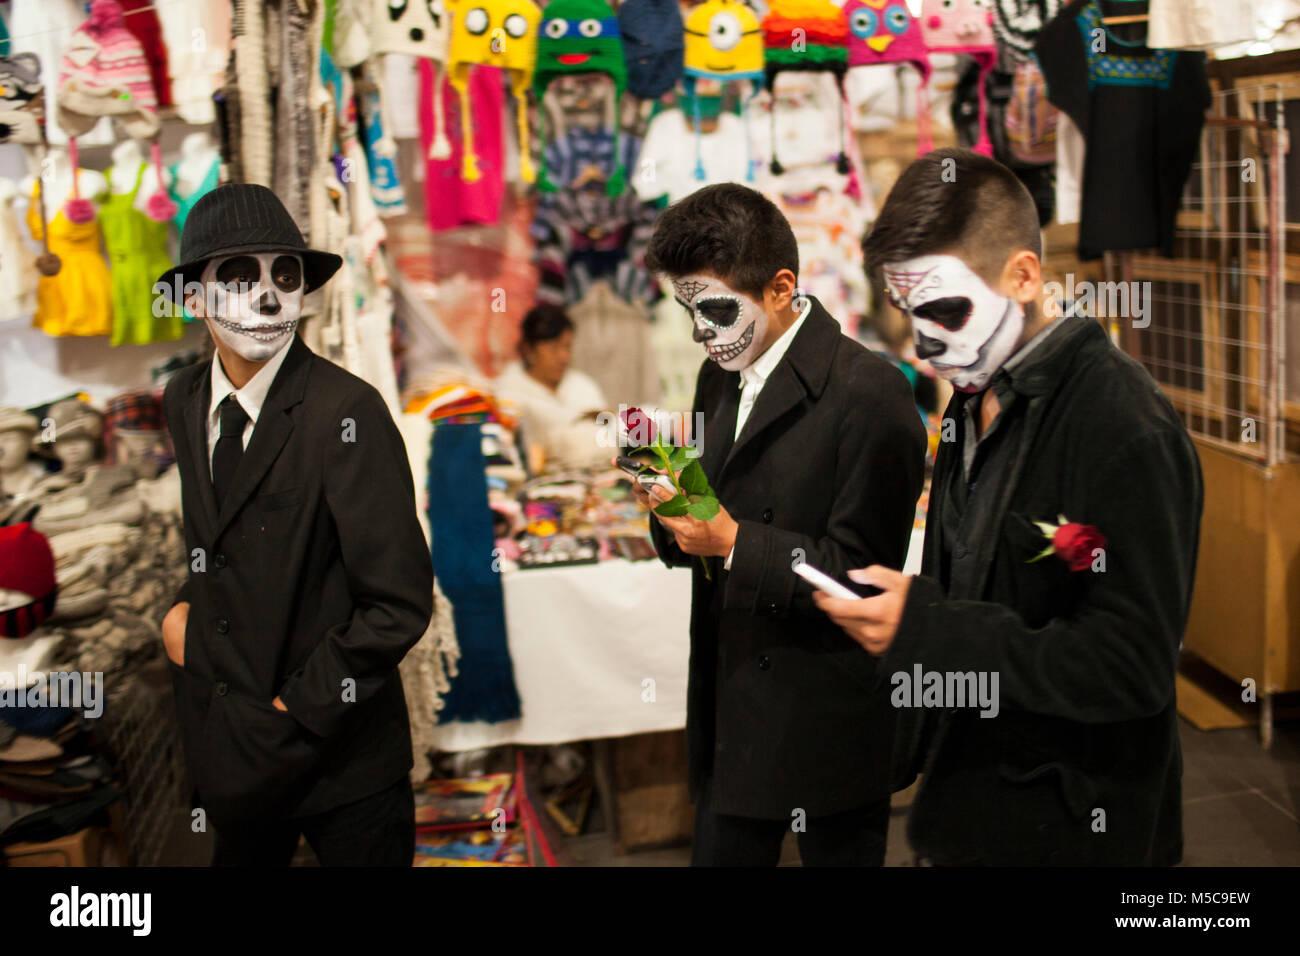 a55fcf5ccb Los niños con sus caras pintadas a pie a través del mercado durante el dia  de